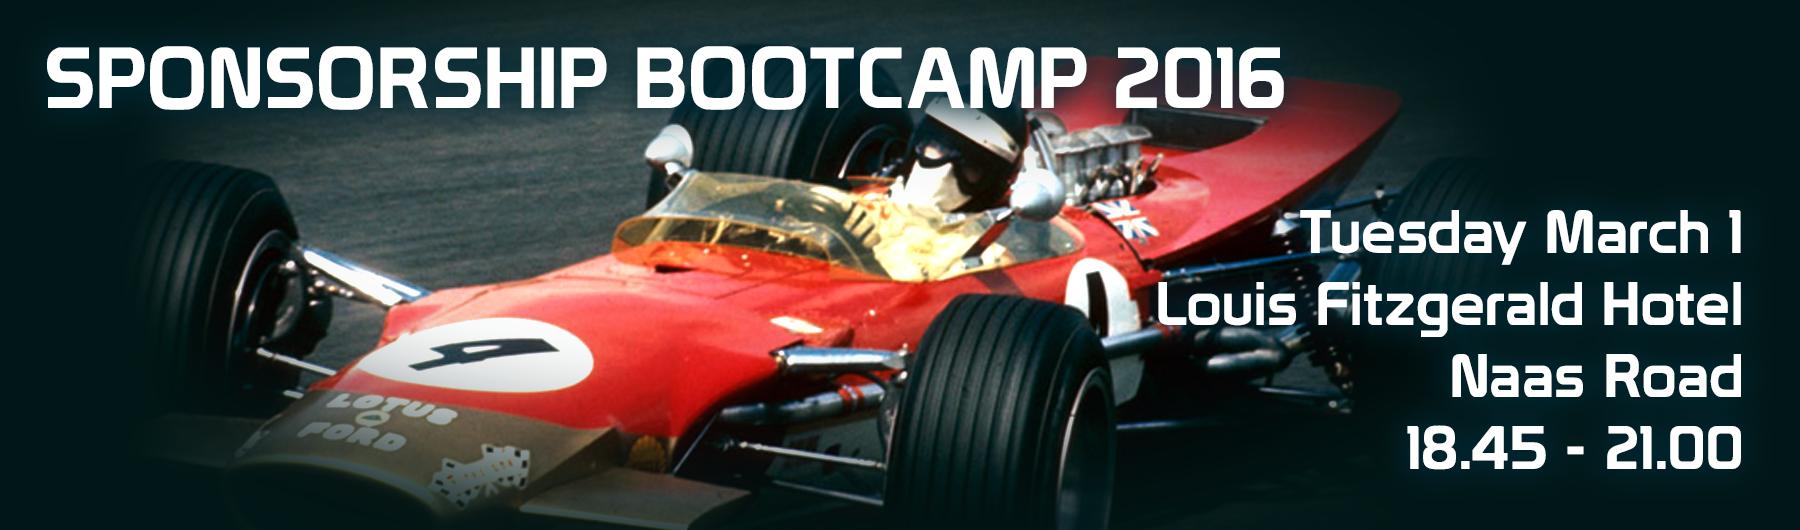 Motorsport Sponsorship Bootcamp 2016